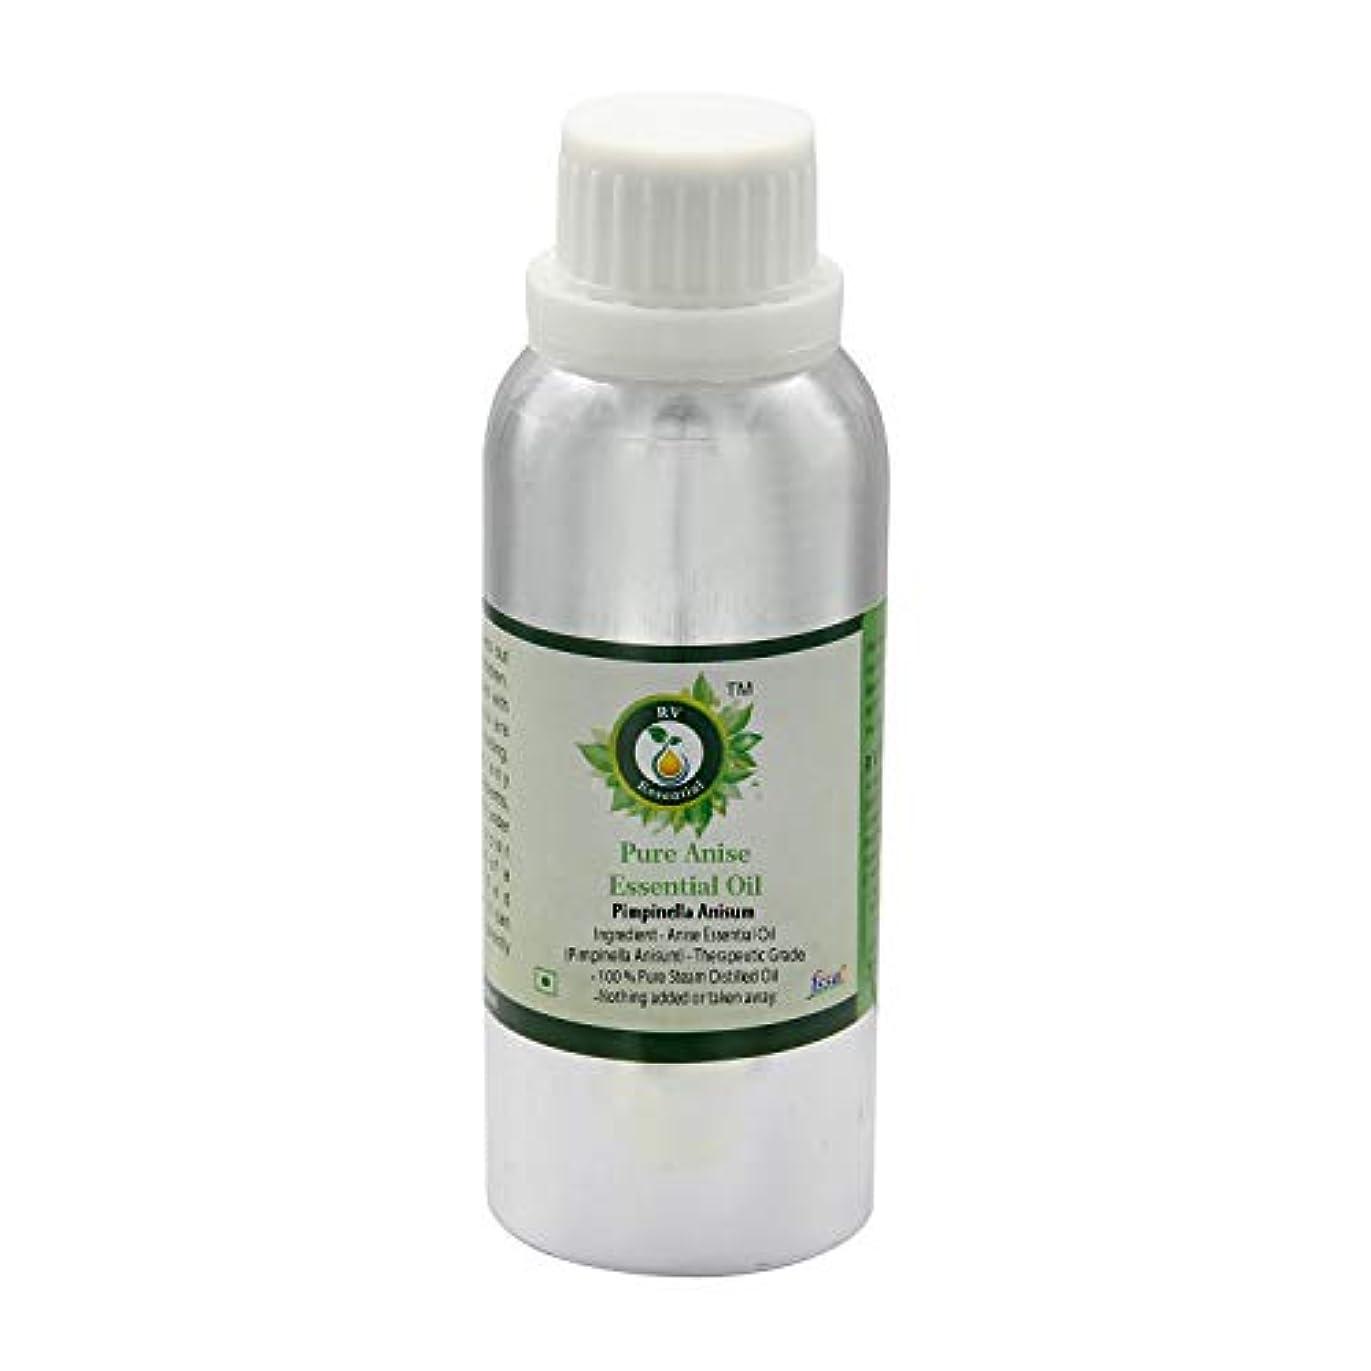 不正確慎重松ピュアアニスエッセンシャルオイル300ml (10oz)- Pimpinella Anisum (100%純粋&天然スチームDistilled) Pure Anise Essential Oil